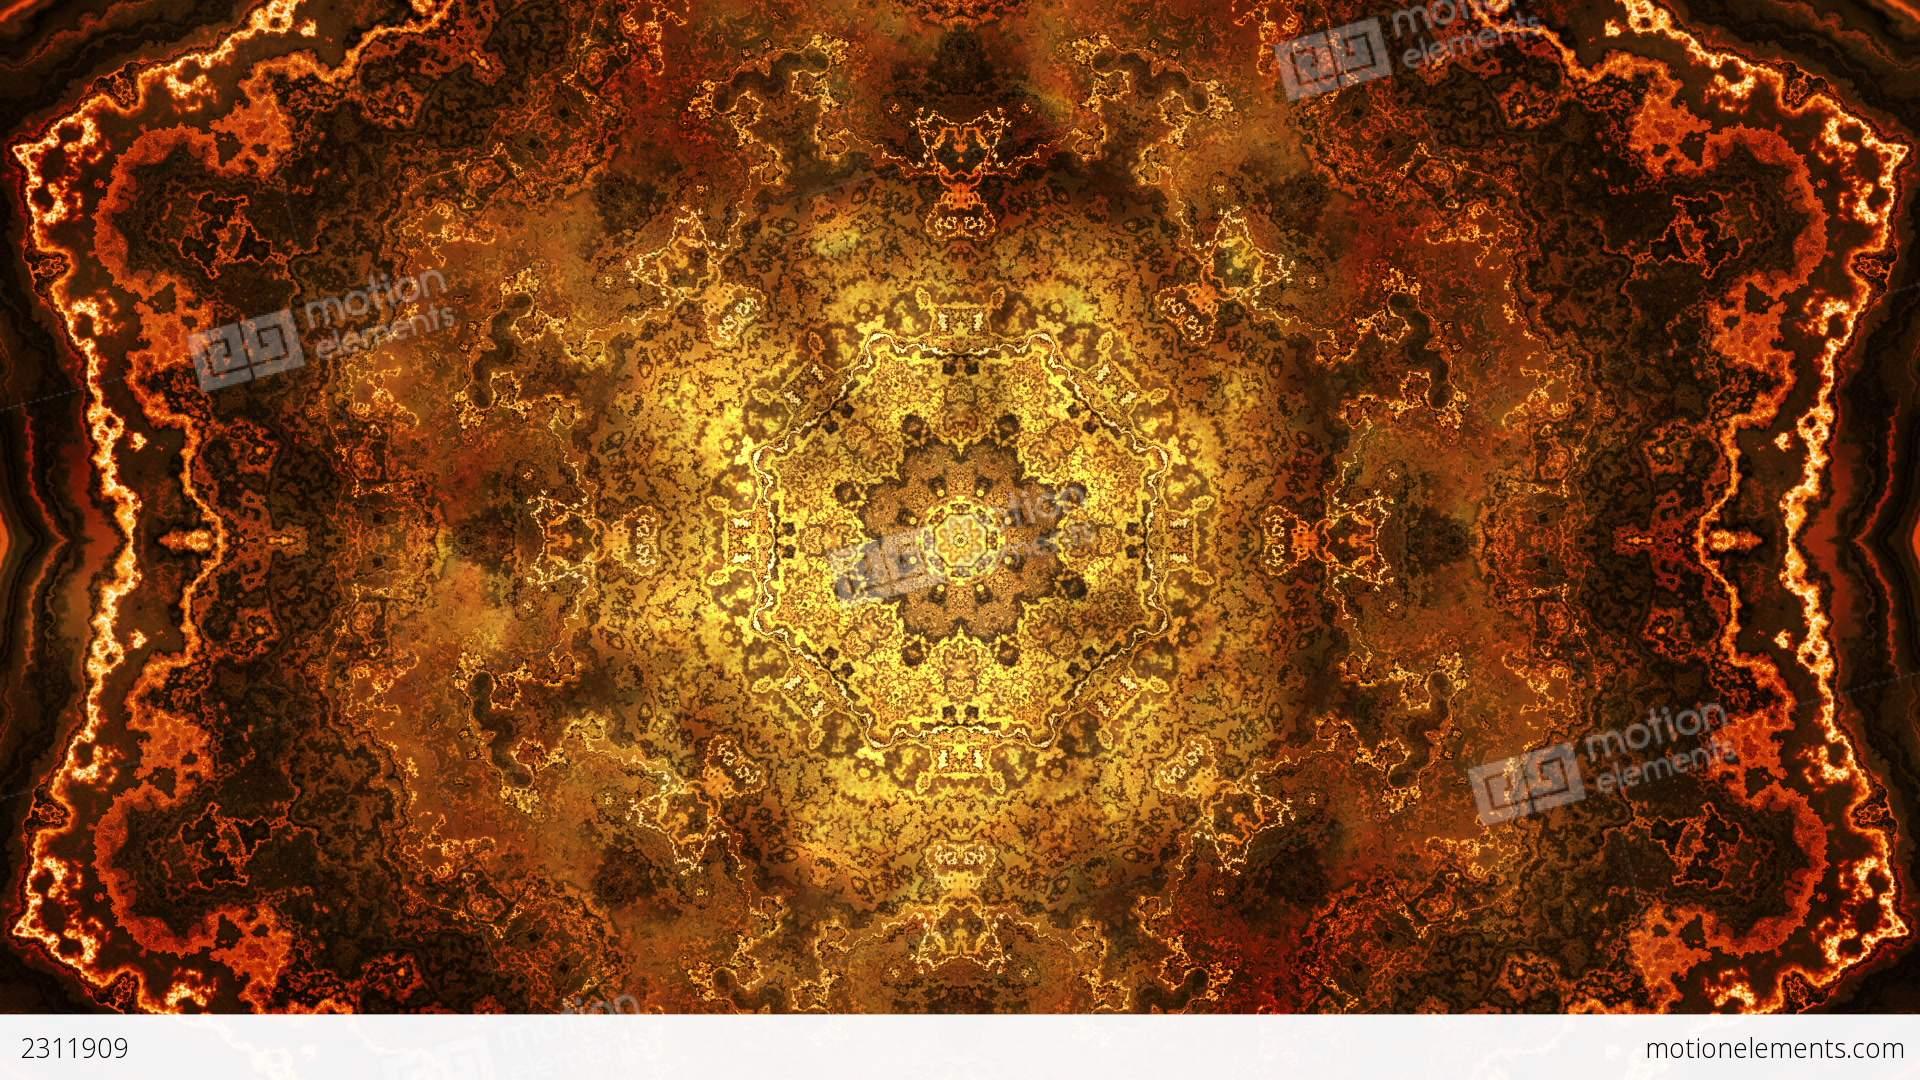 Mandala Background Design Stock Animation | 2311909